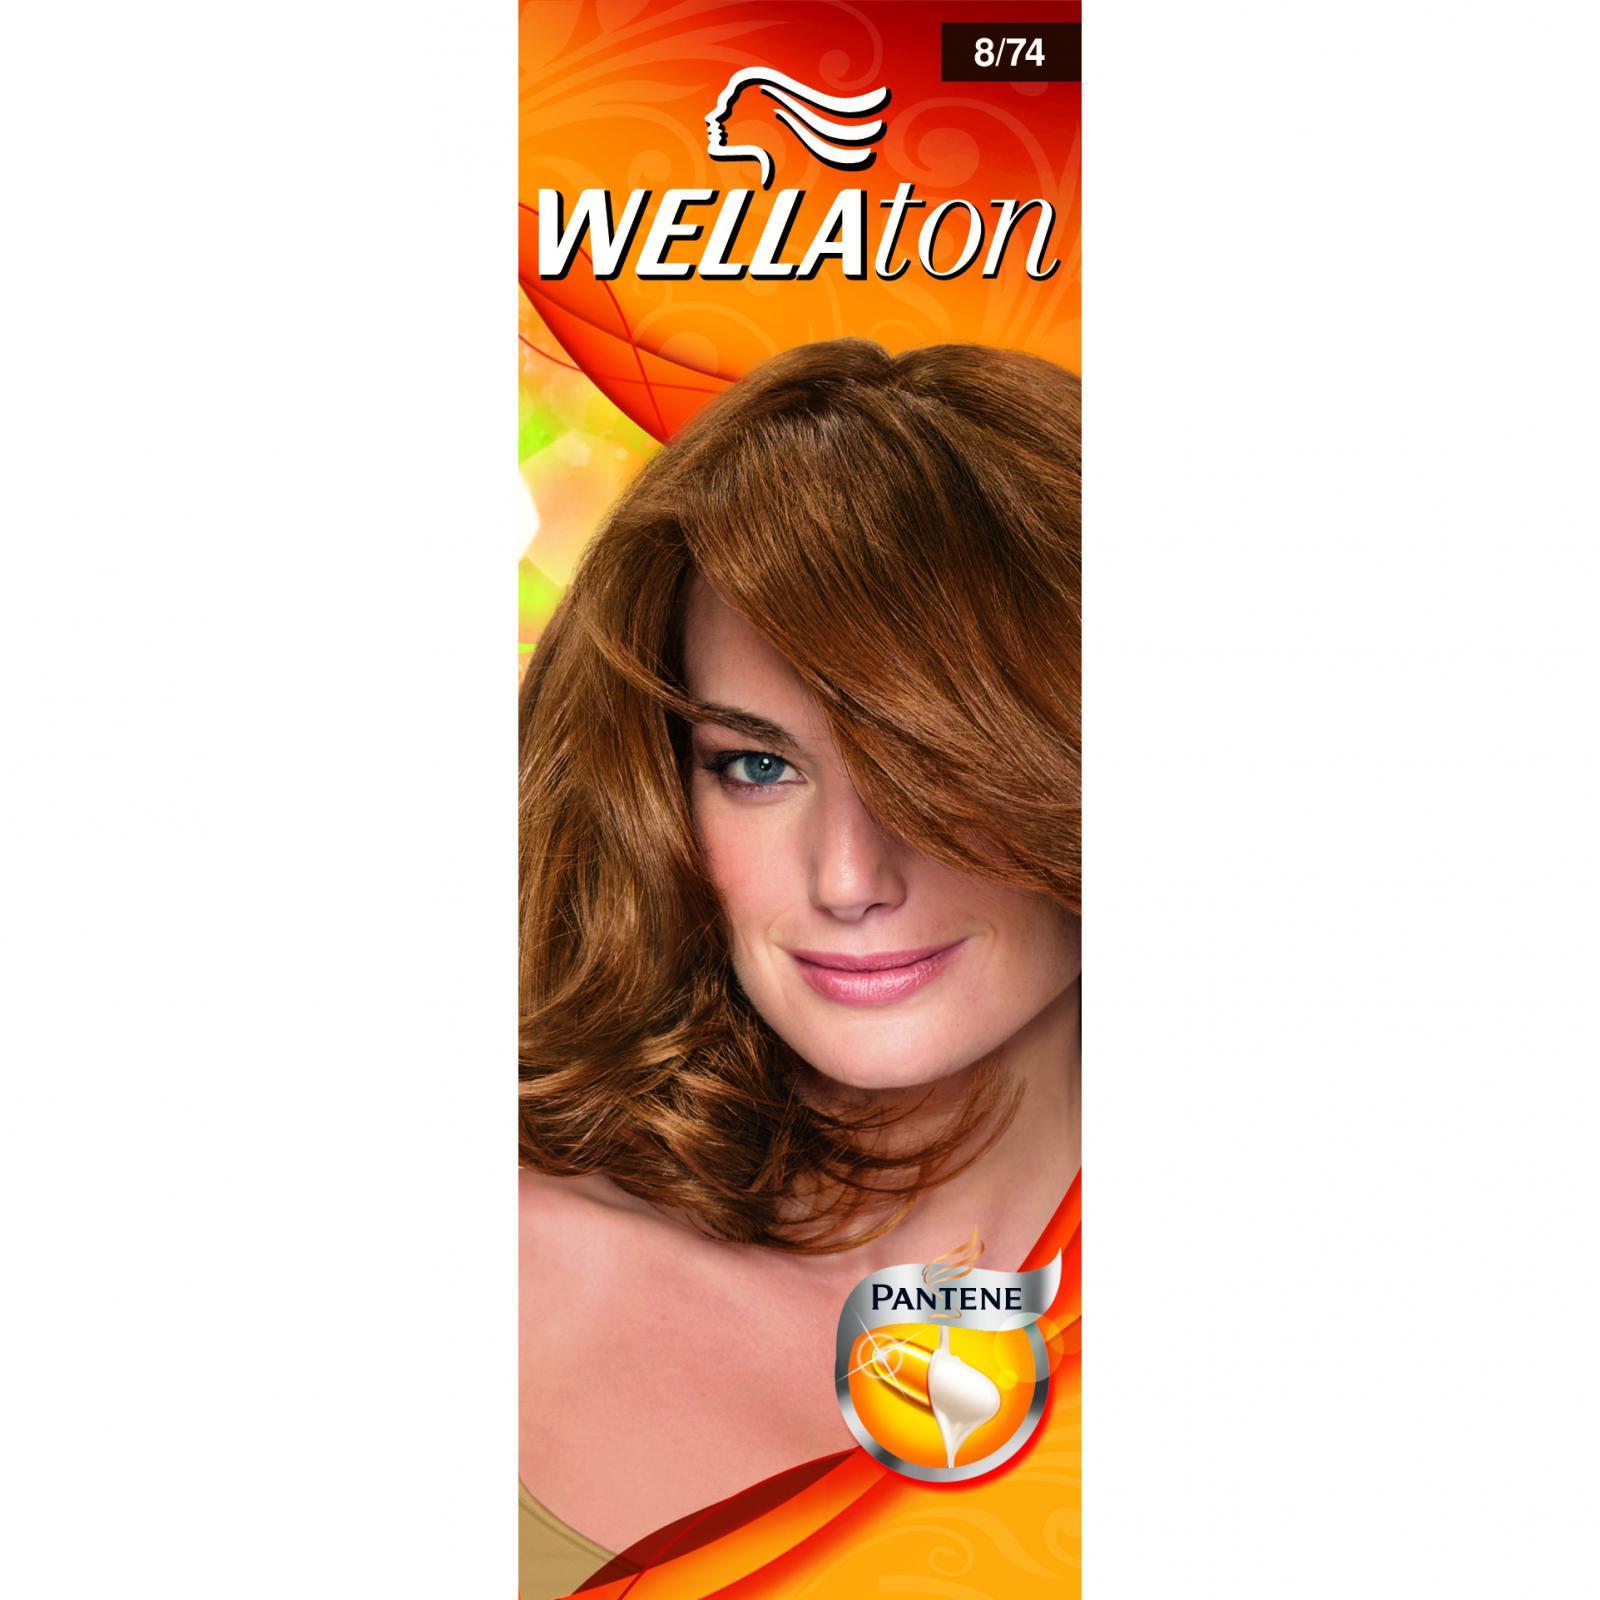 Vopsea De Par Wellaton - Nuanta 8/74 Ciocolata Caramel